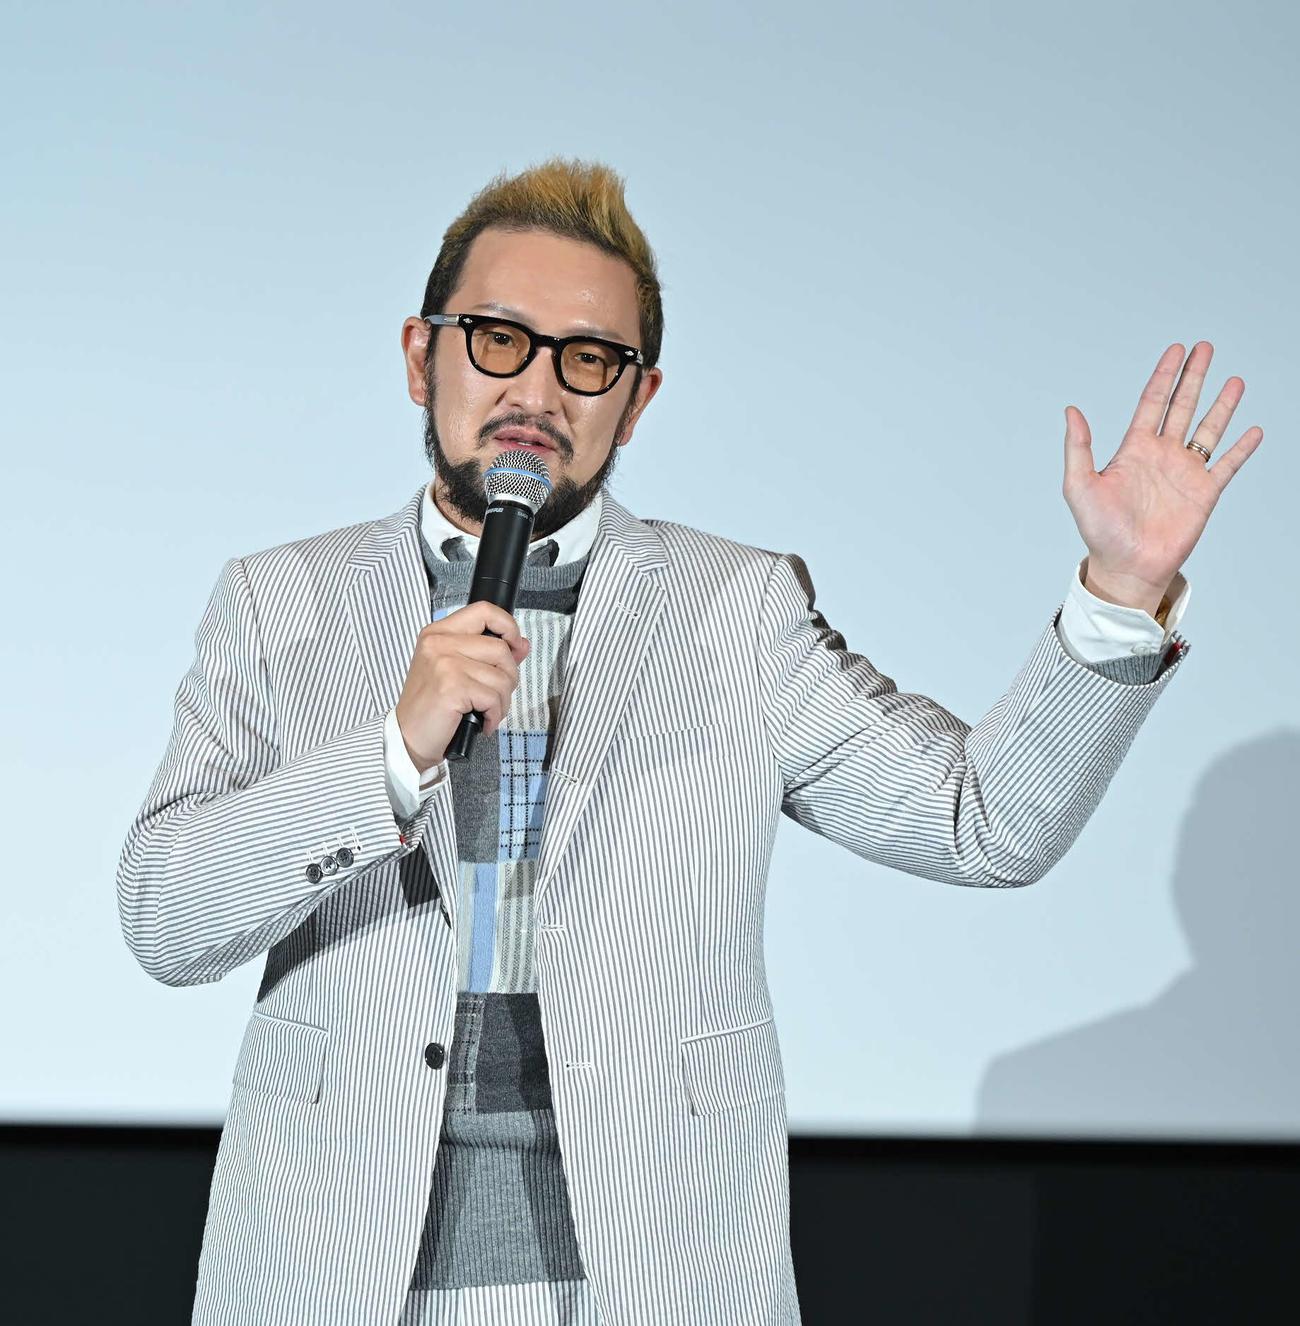 熊本ピカデリーの3面ライブスクリーン初披露の舞台あいさつに出席した中村獅童